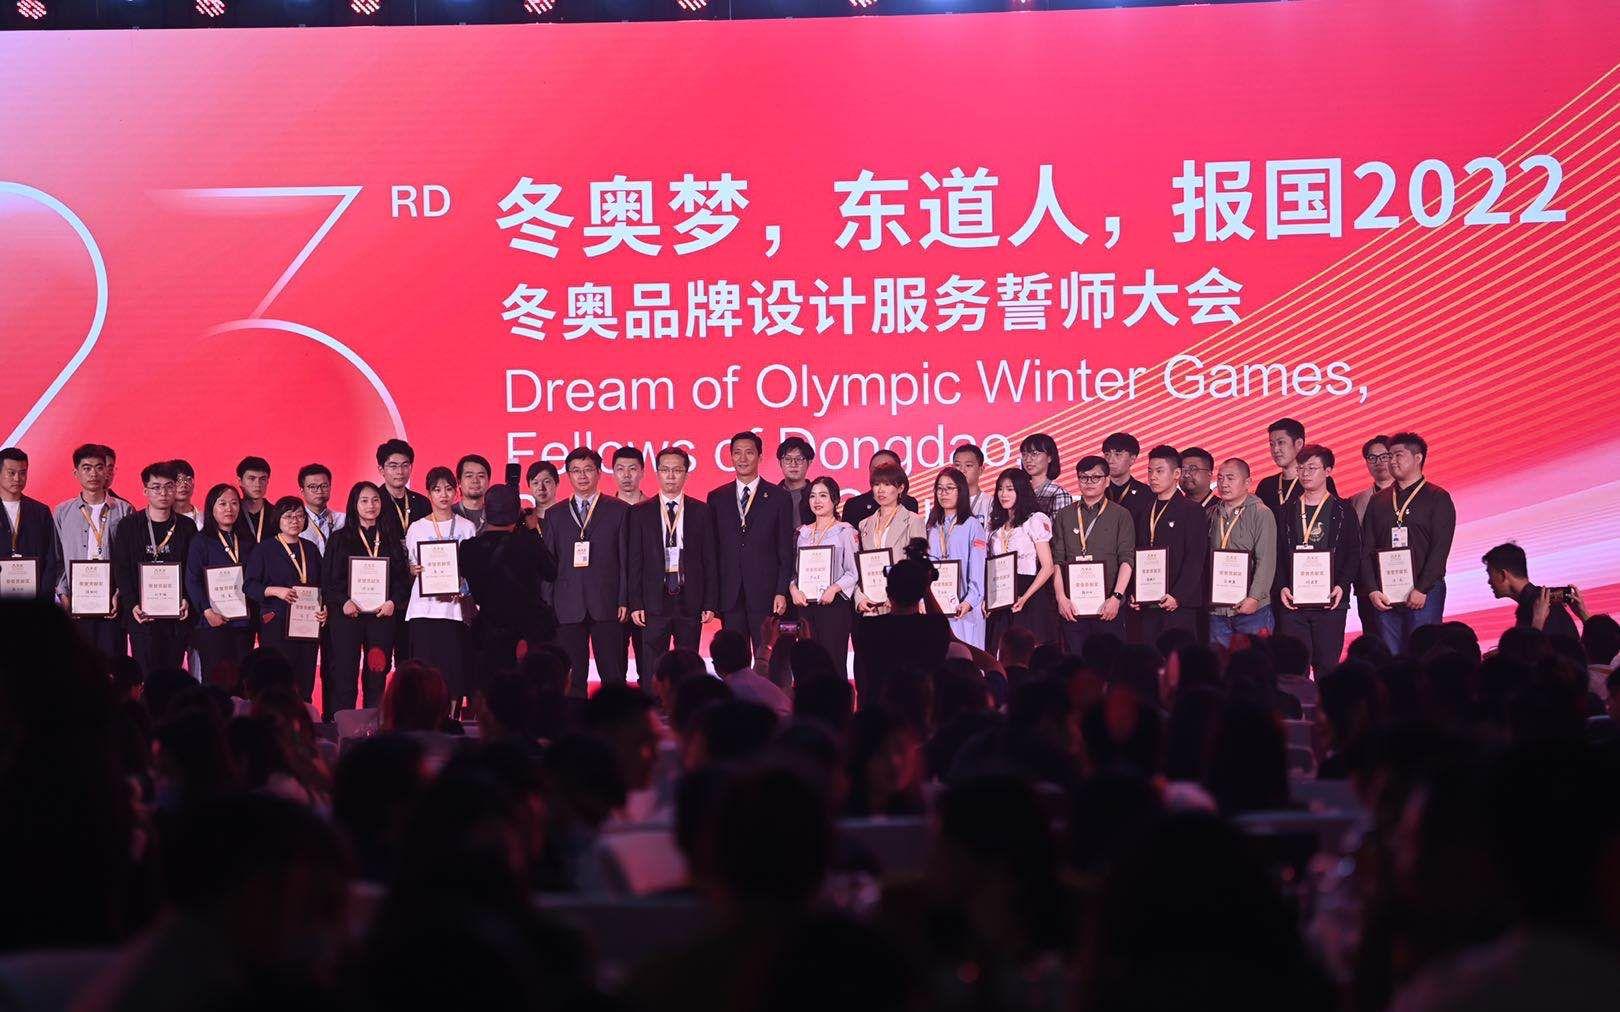 北京冬奥会官方品牌设计服务独家供应商誓师,将设计火炬接力场景图片